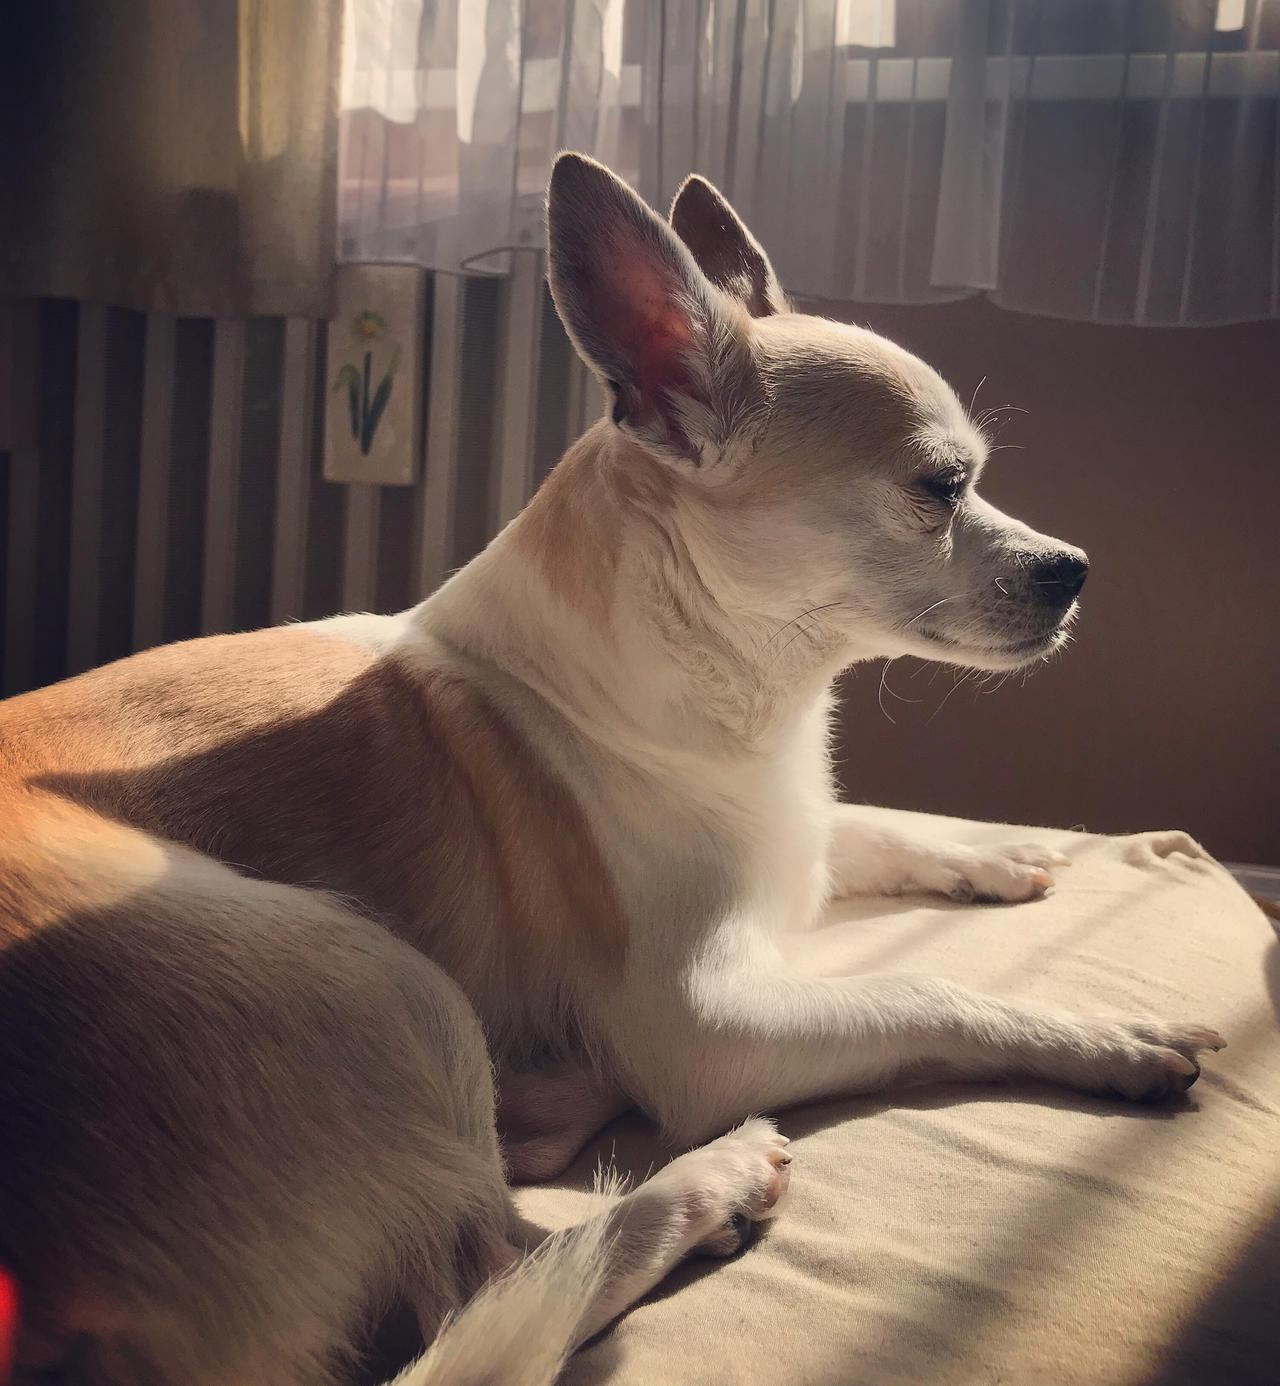 molly sun